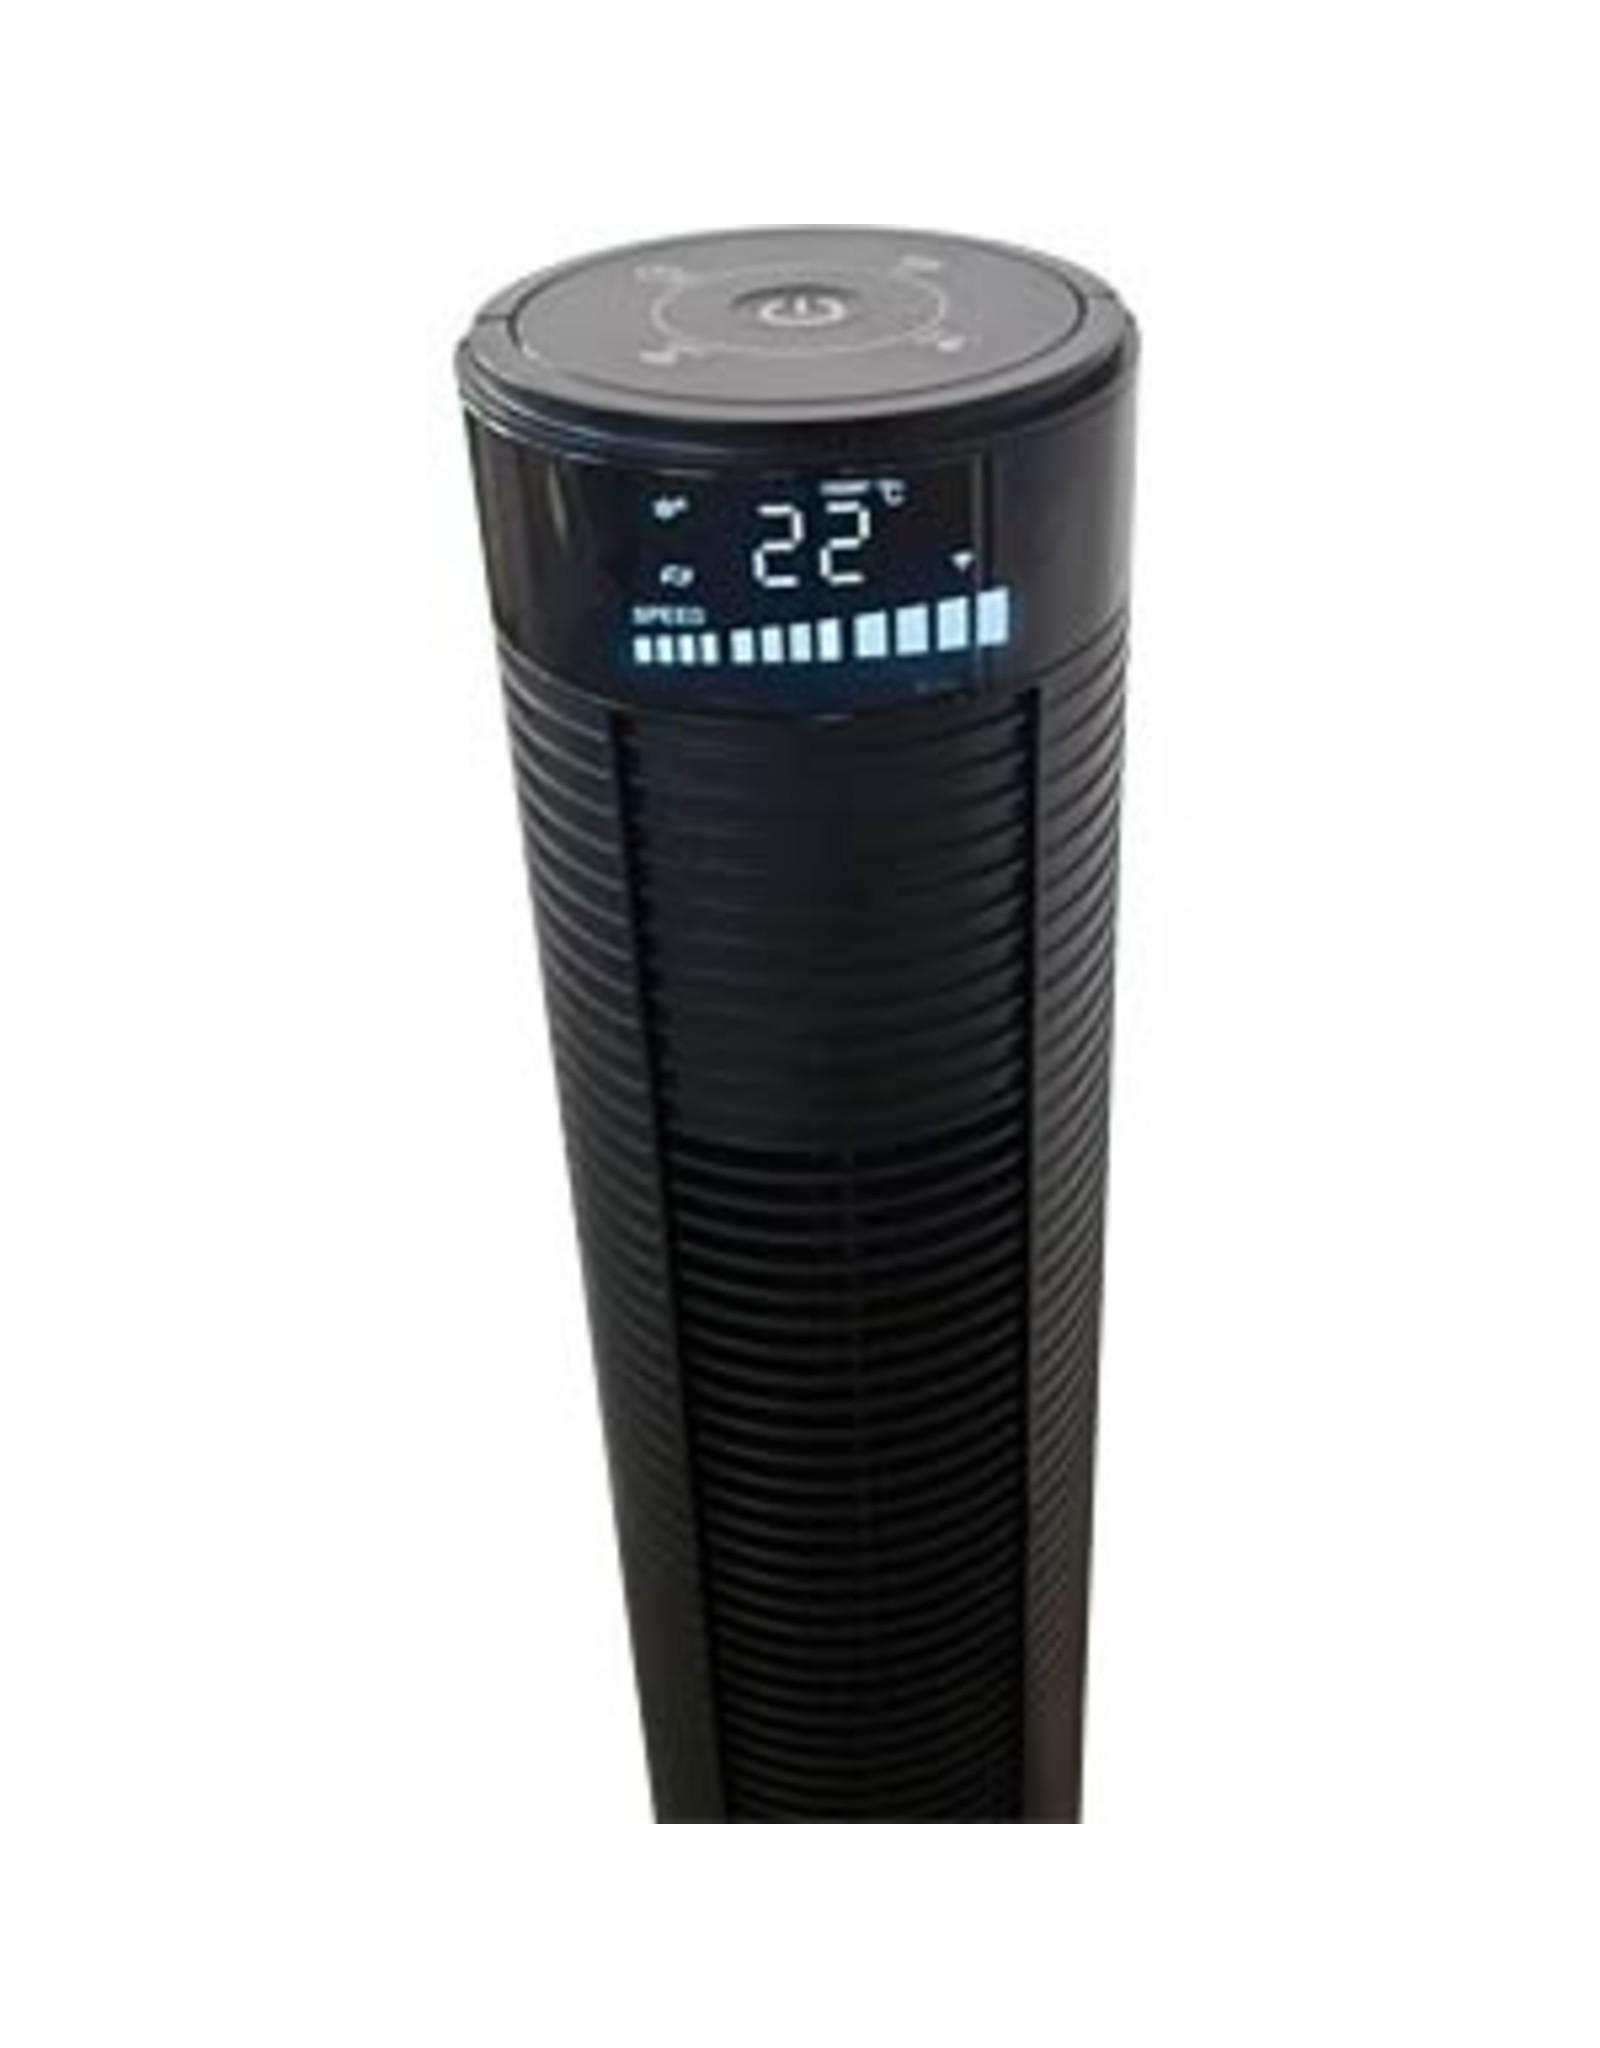 Woox Home Woox Smart WiFi Tower Fan | R6084